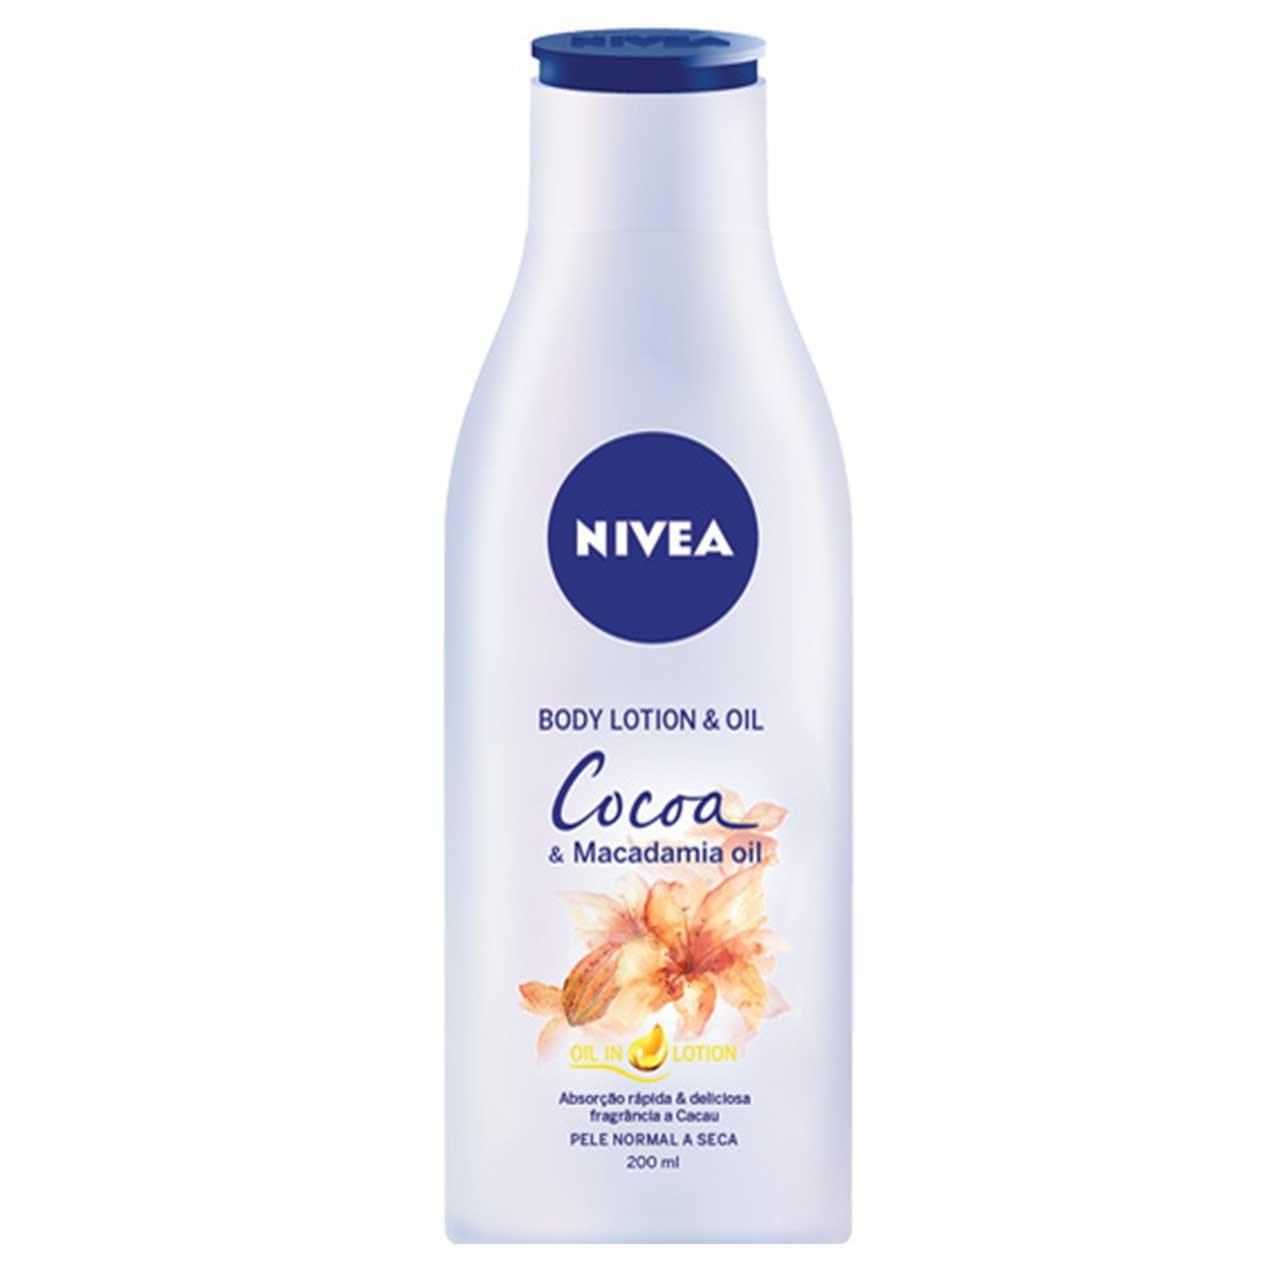 لوسیون بدن نیوآ مدل Cocoa حجم 200 میلی لیتر